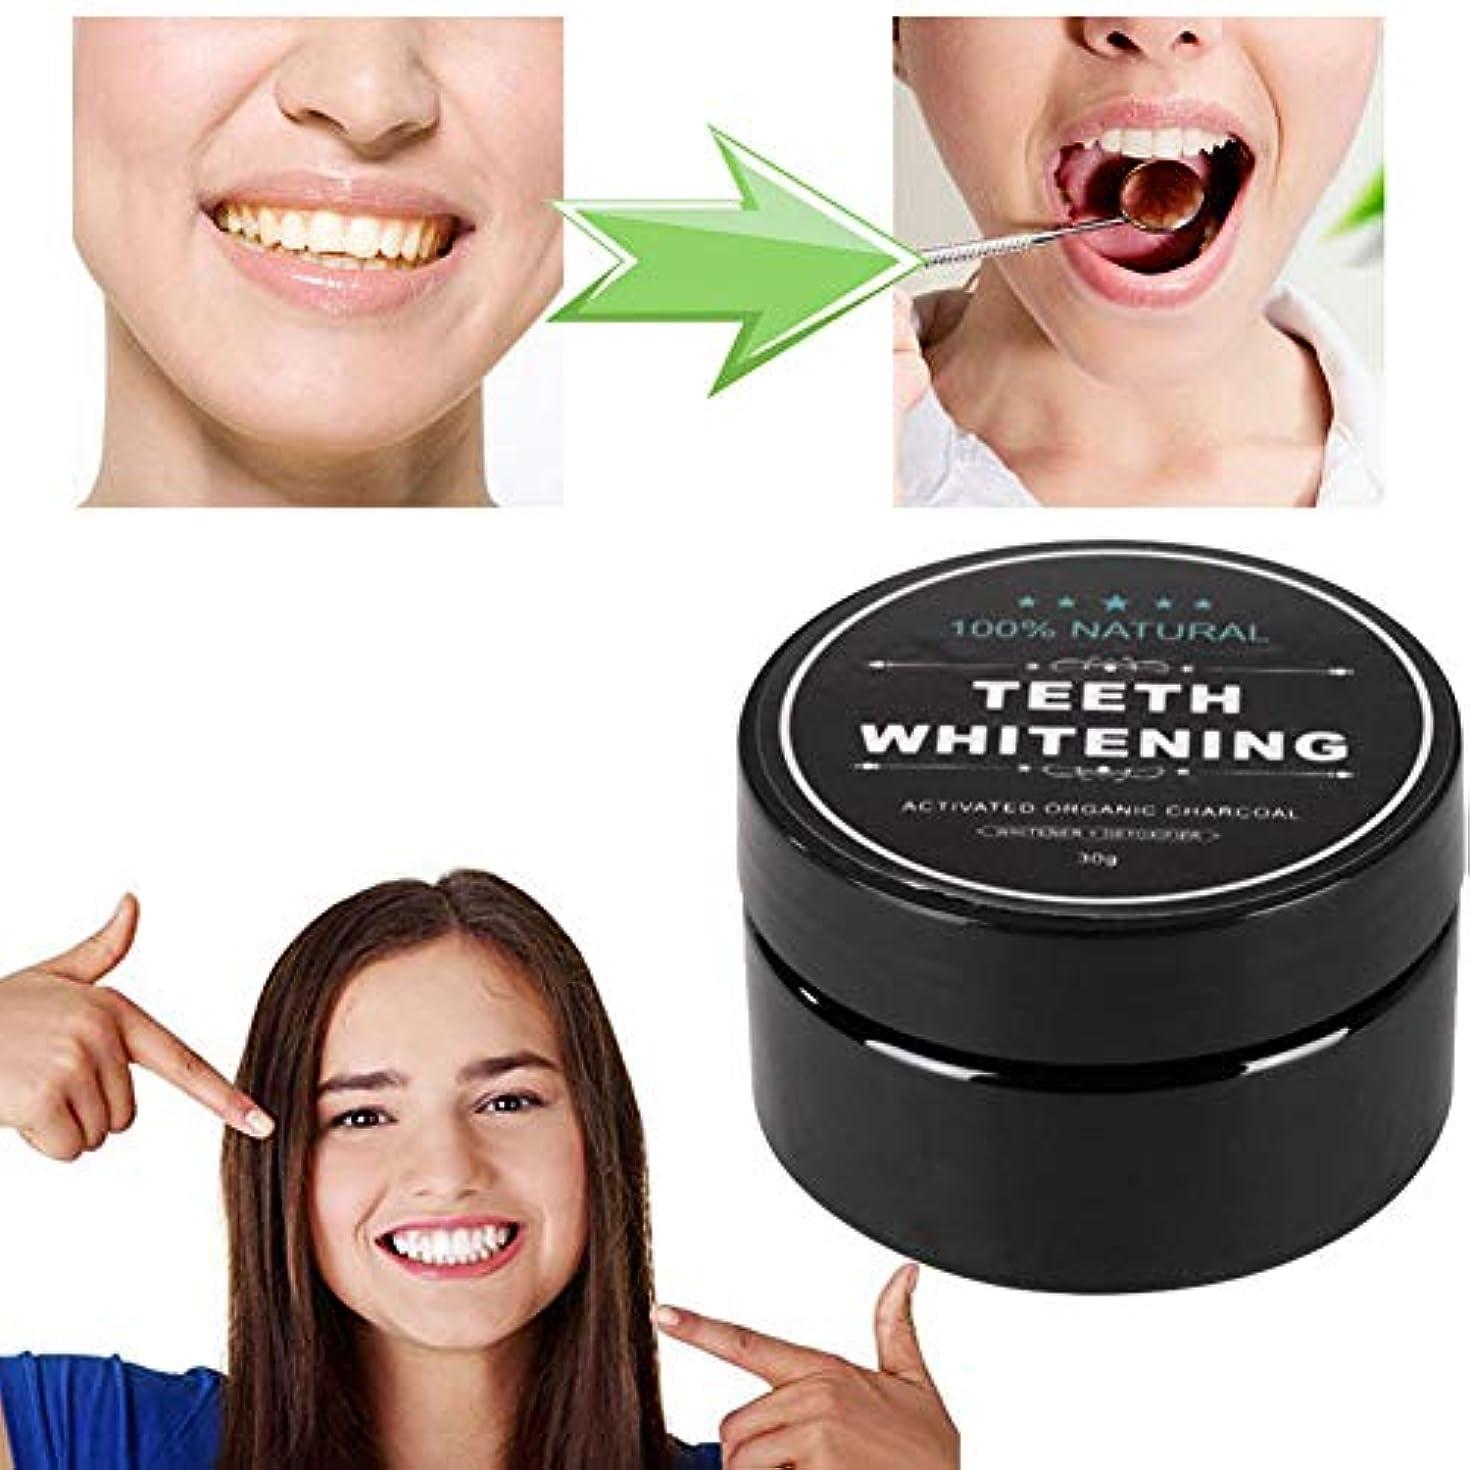 ストライプ突然の宙返りFrifer歯を白くする 活性炭ホワイトニング コーヒー•タバコ•ワインによる黄ばみを取り除く